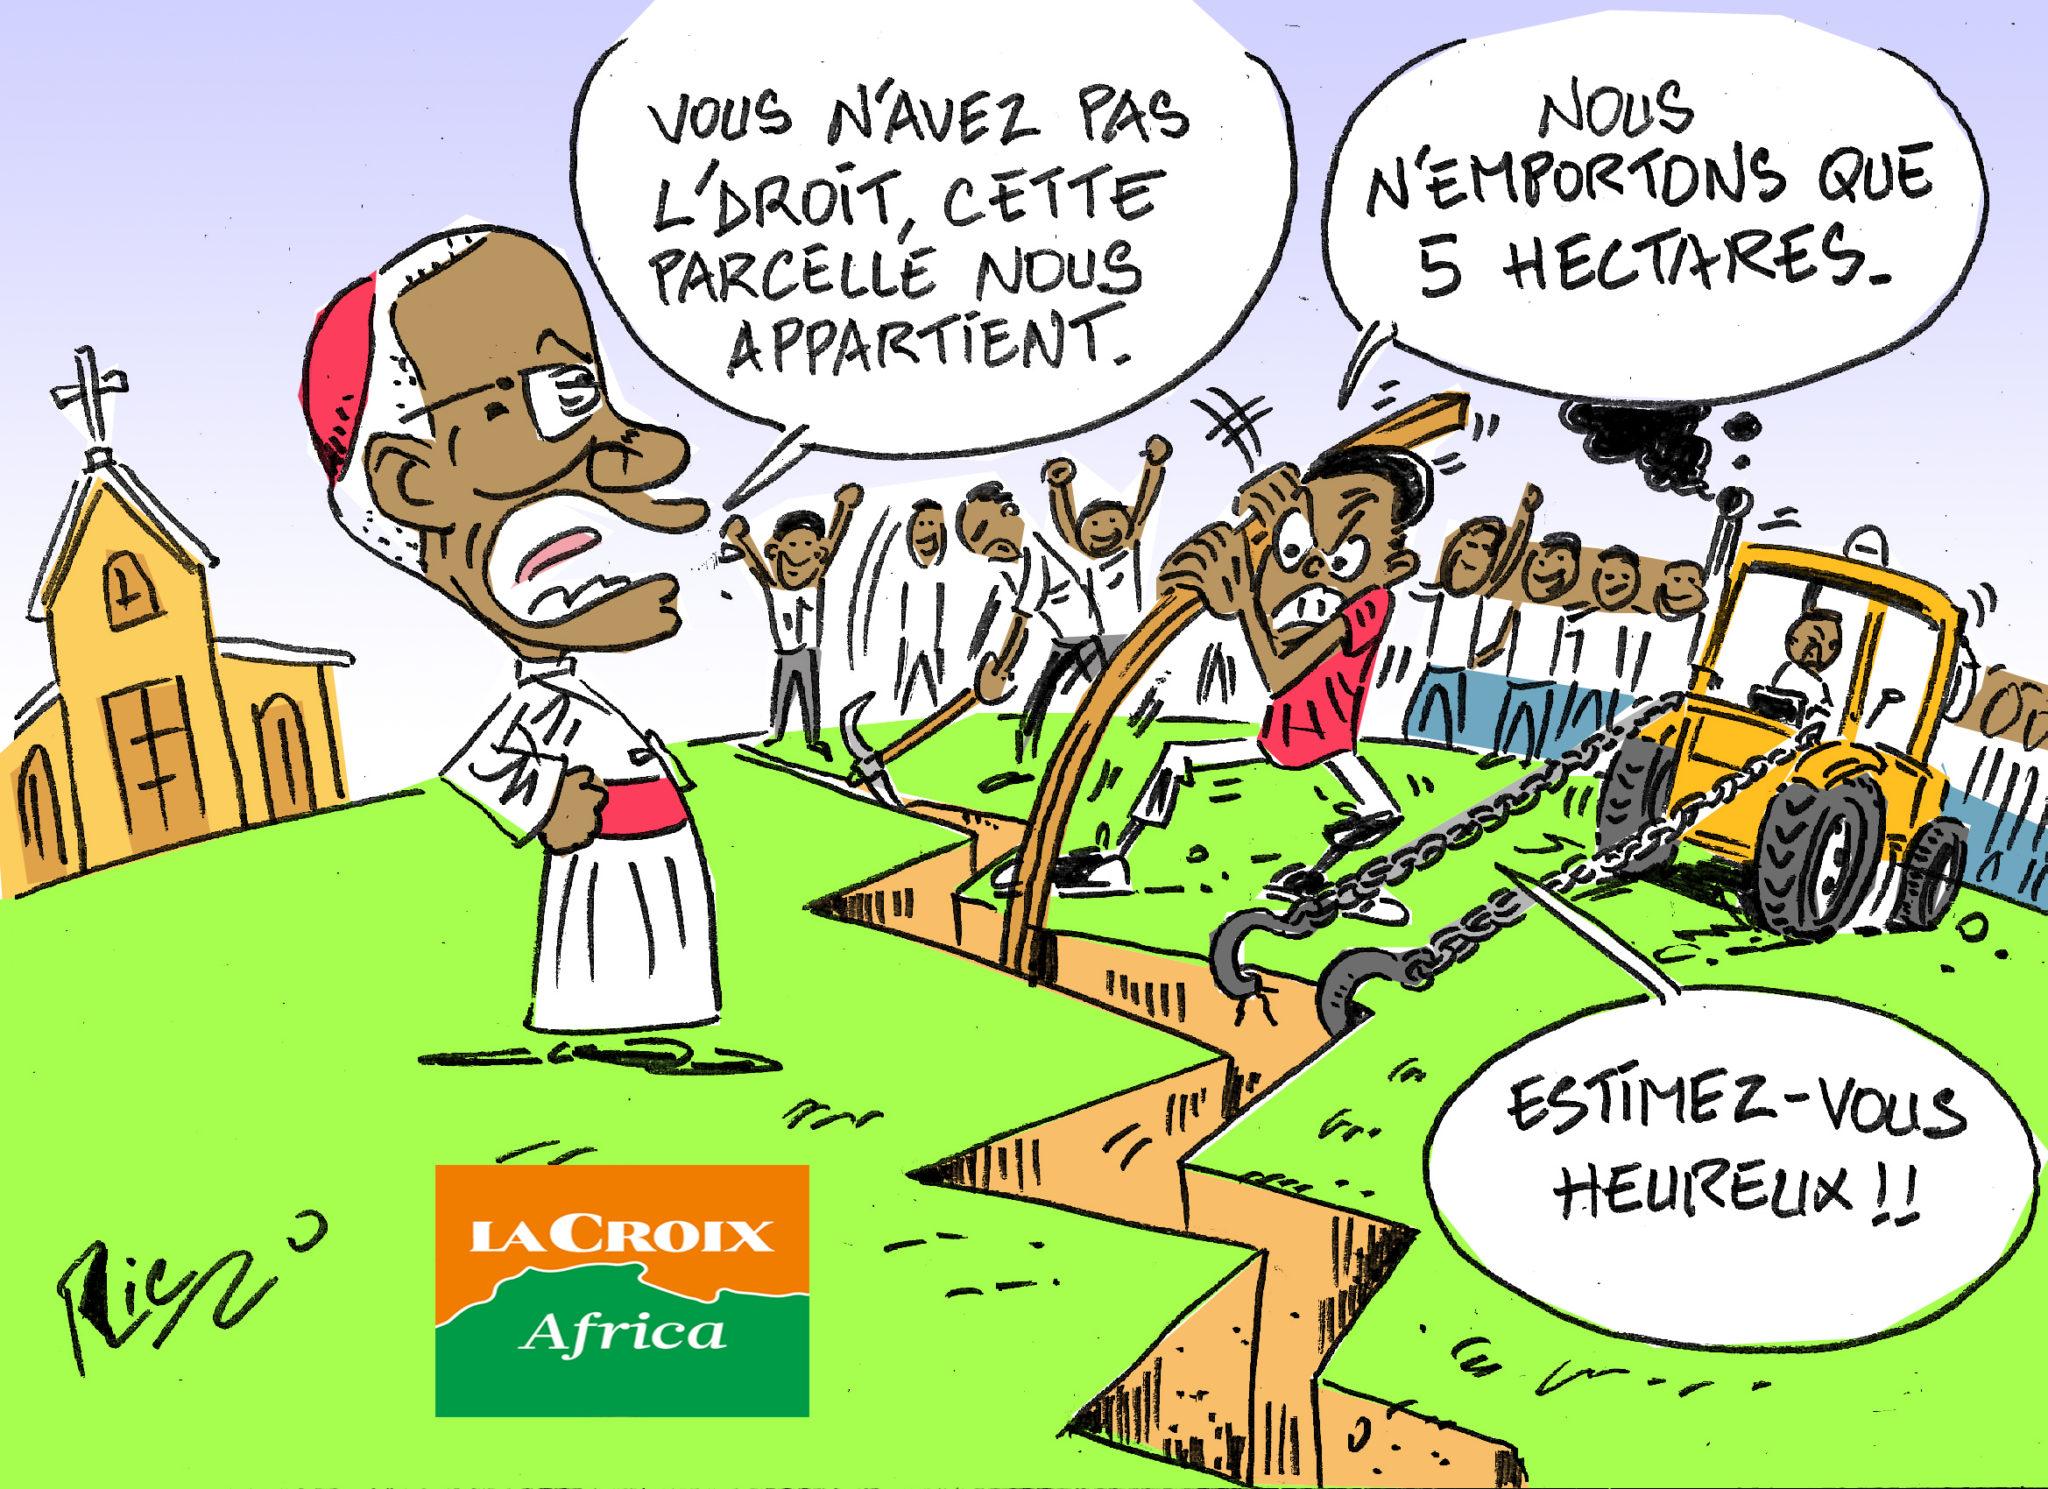 L'œil de Ric: En Guinée, l'archevêque de Conakry dénonce l'expropriation des domaines de l'Église